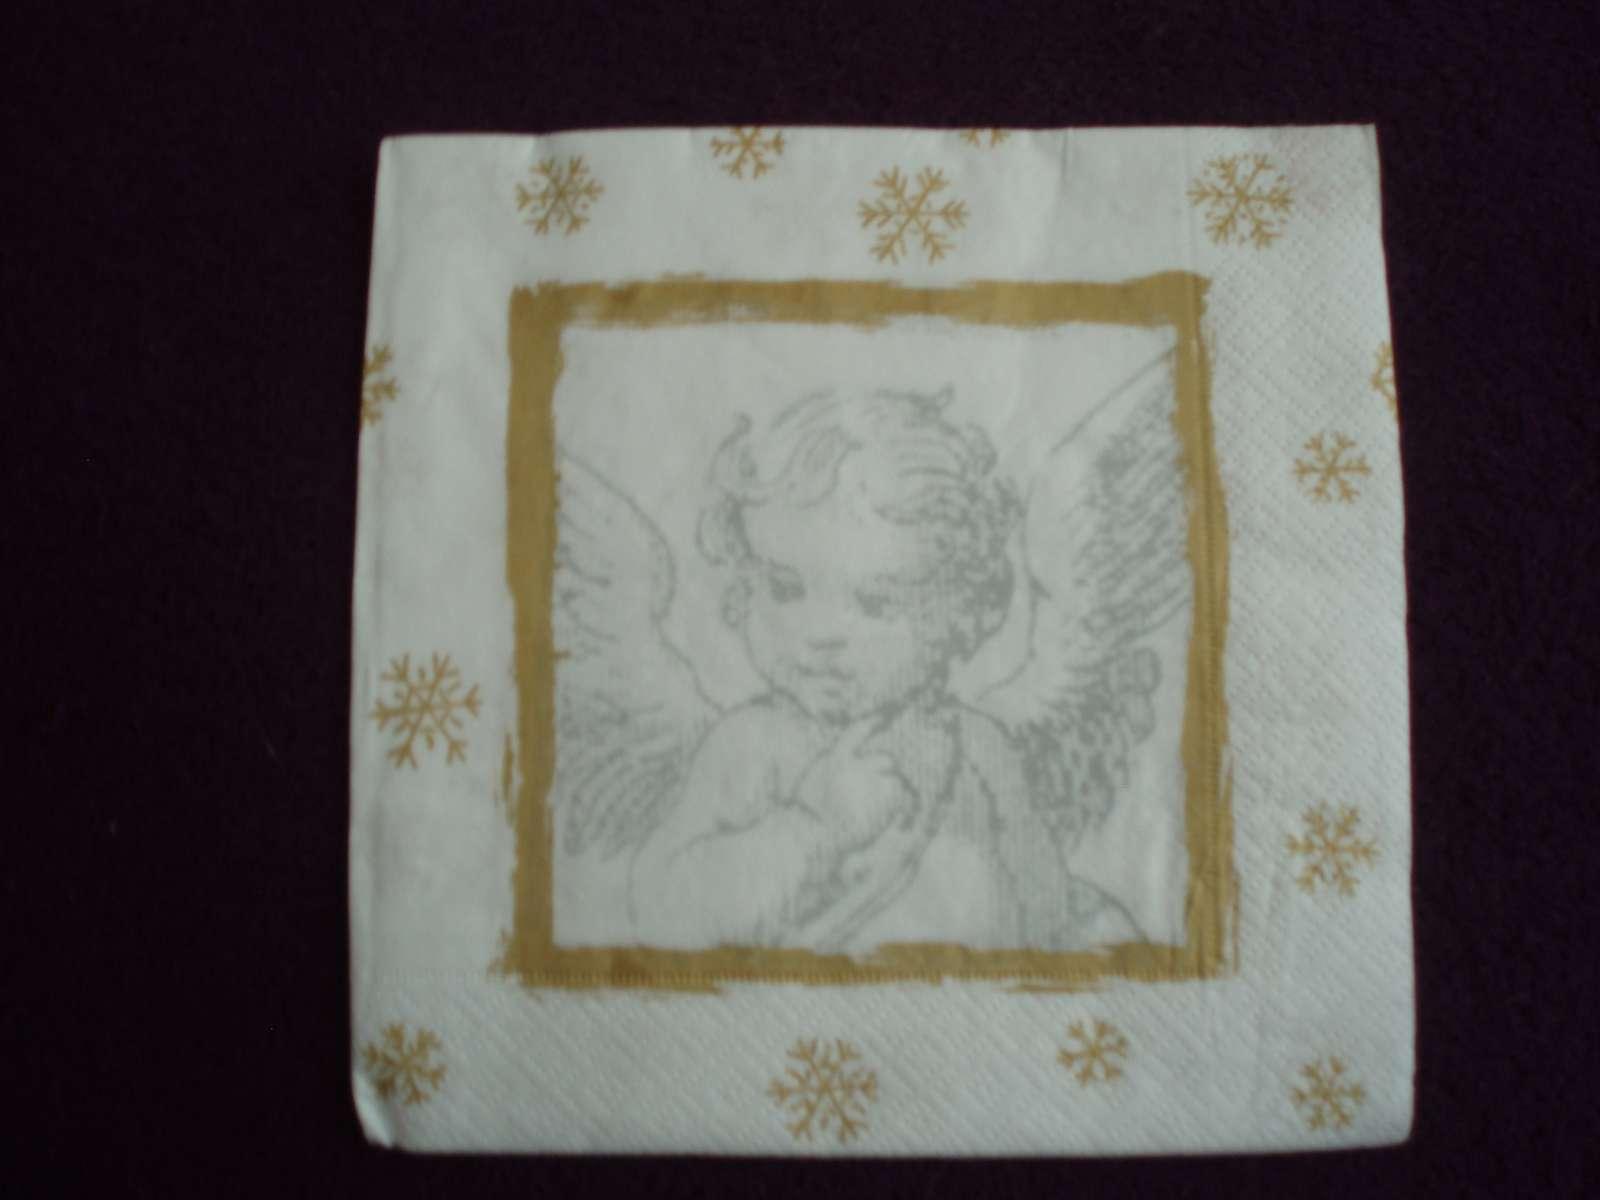 Zlato biele anjelikové servítky (40 ks) - Obrázok č. 1